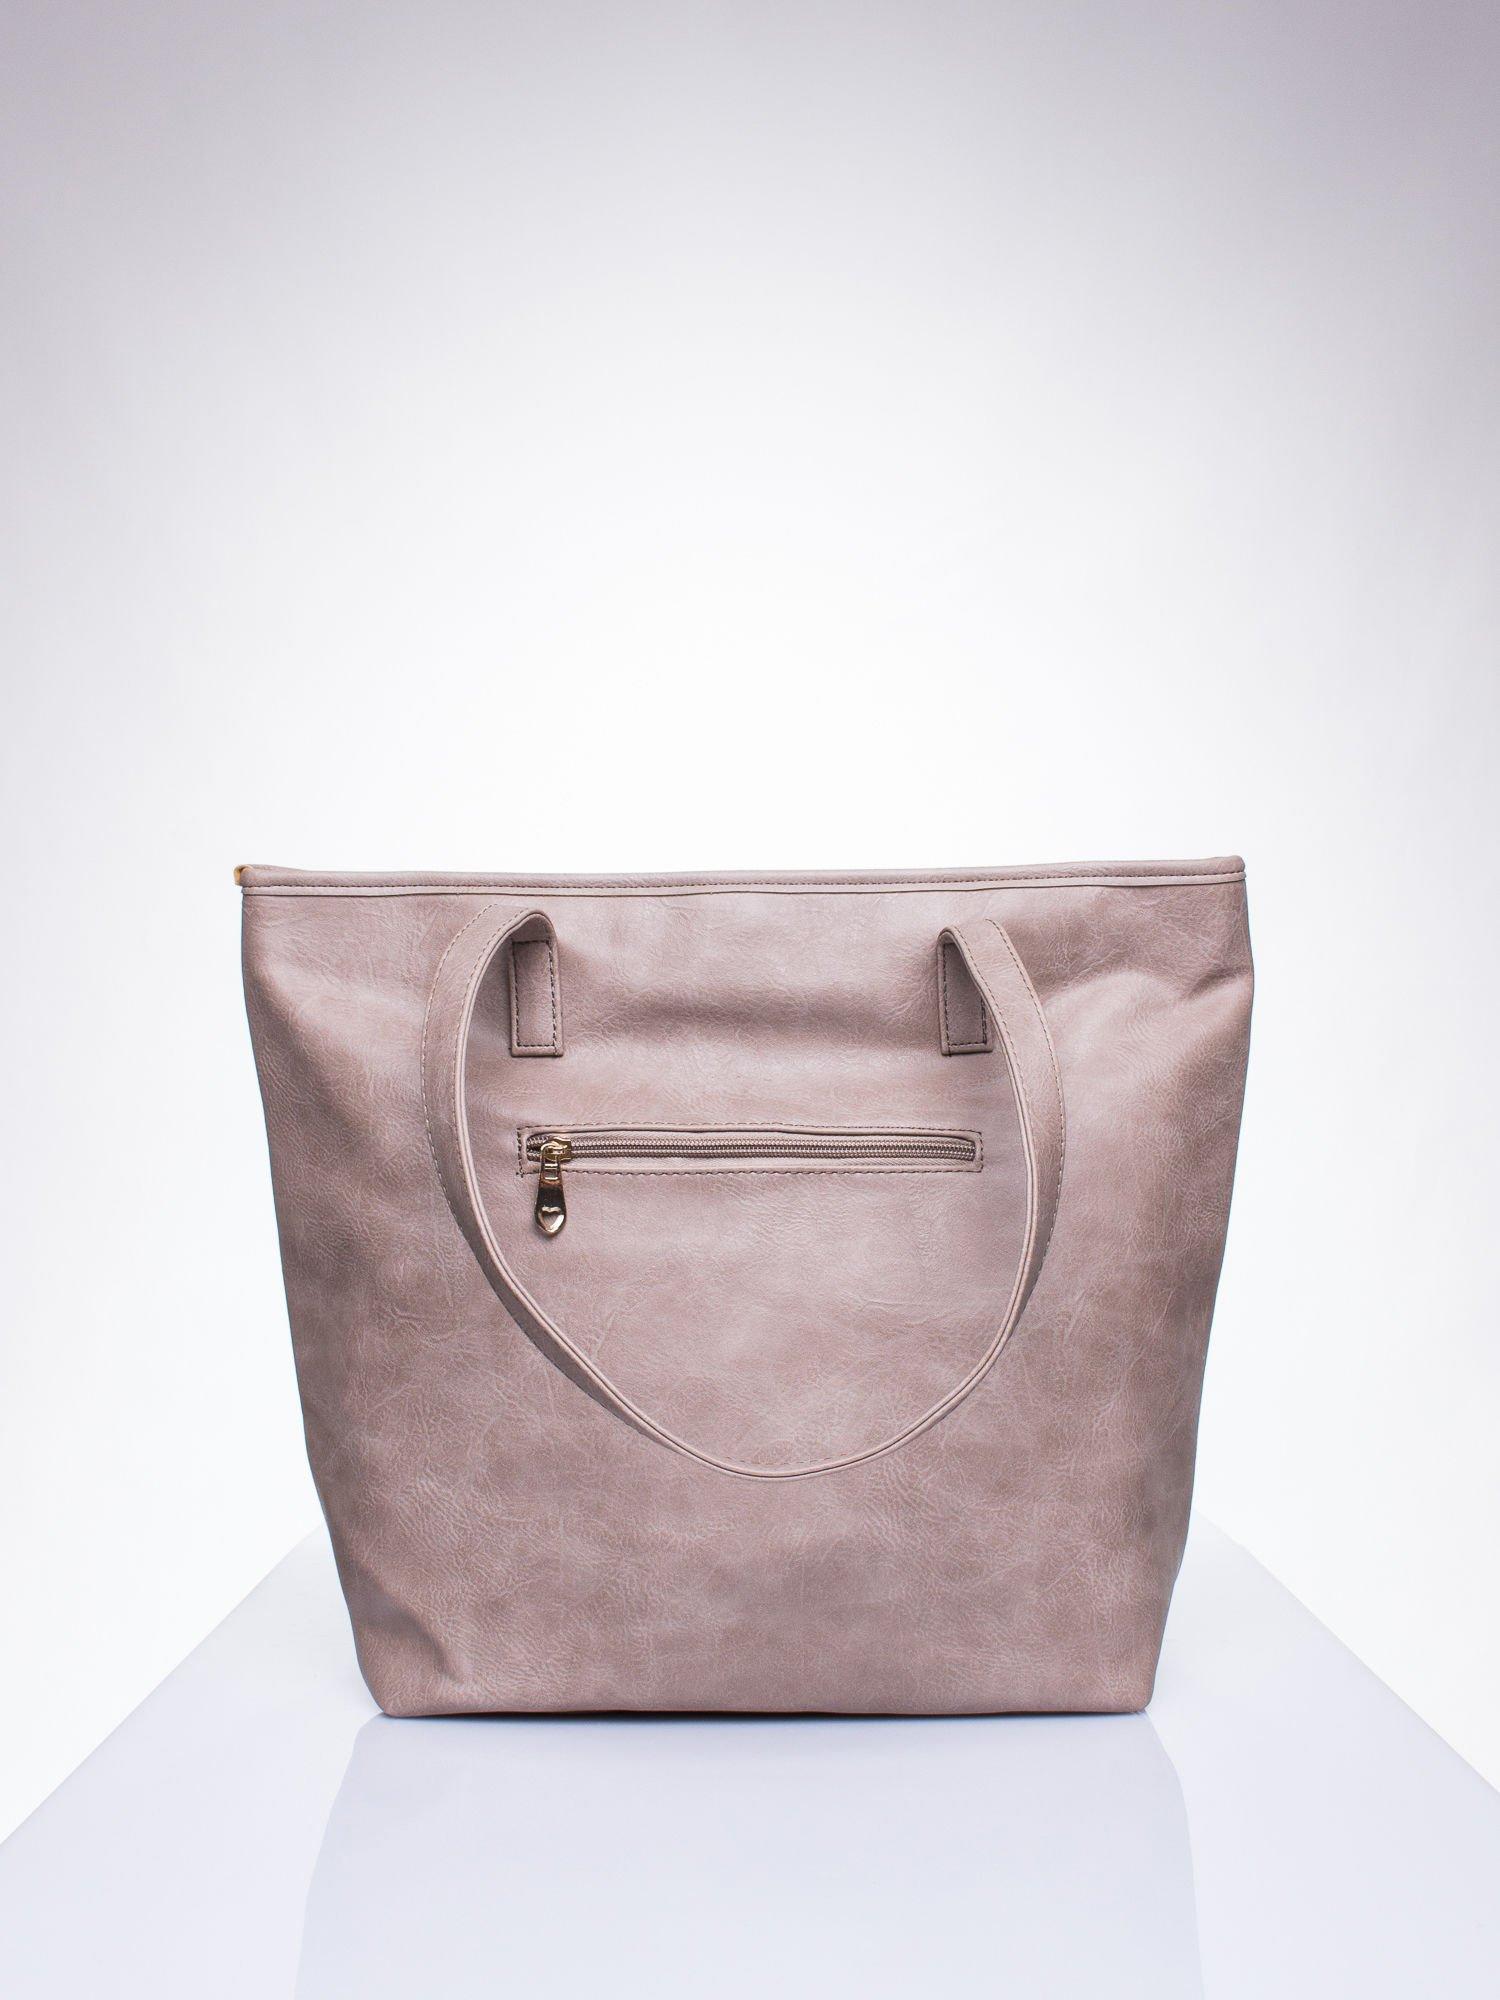 Ciemnobeżowa prosta torba shopper bag ze złotymi okuciami                                  zdj.                                  3